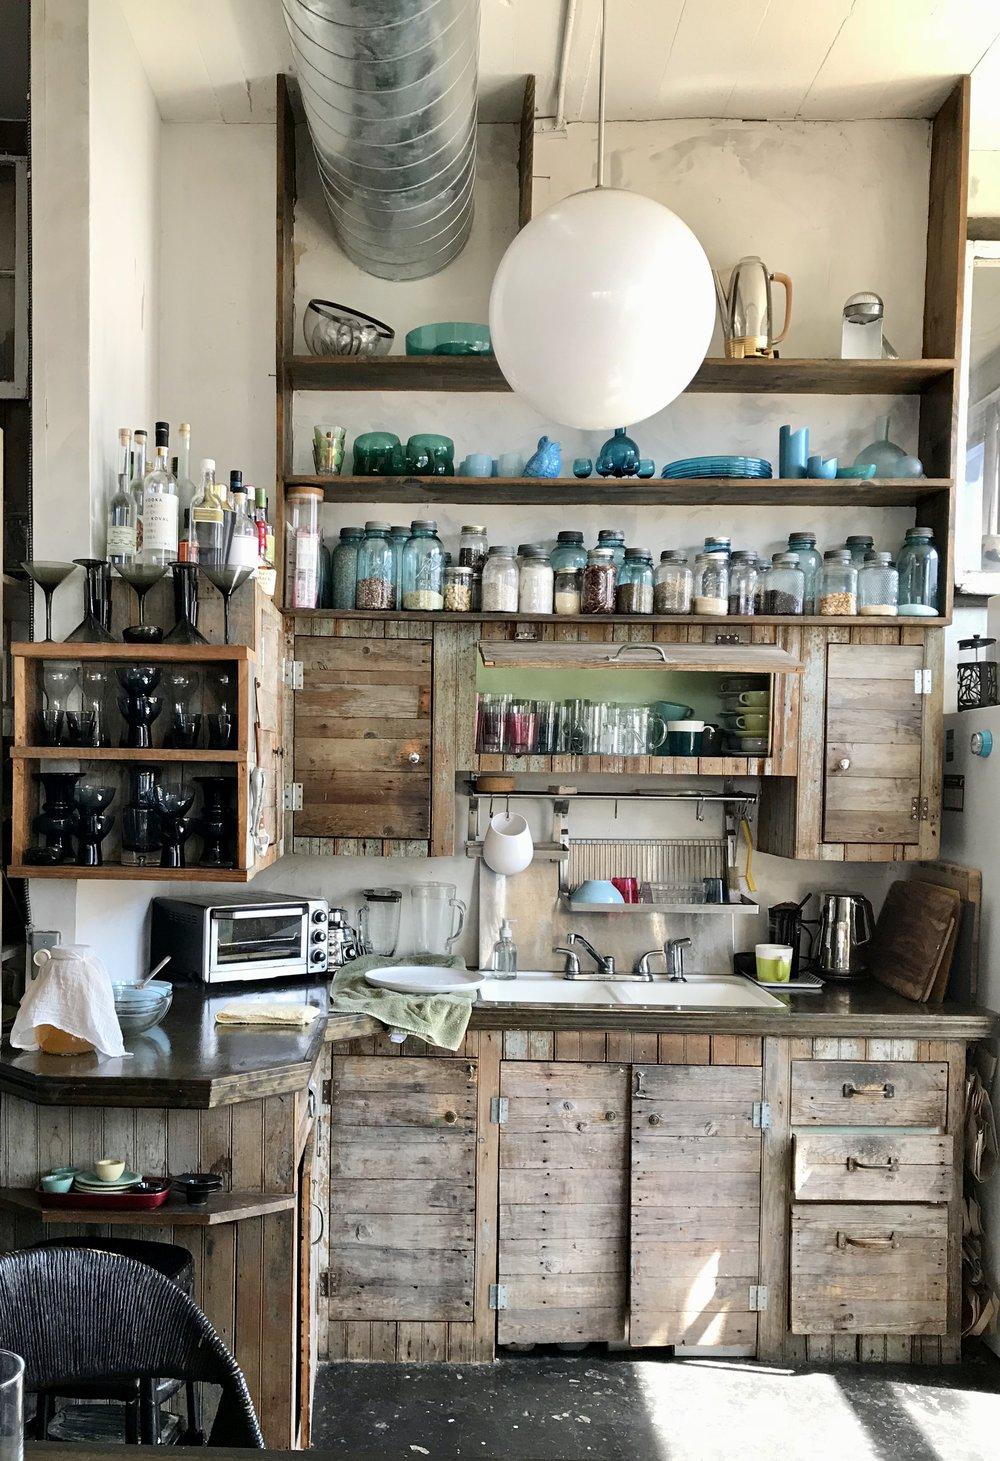 Home & Studio of designer Sage Reed.